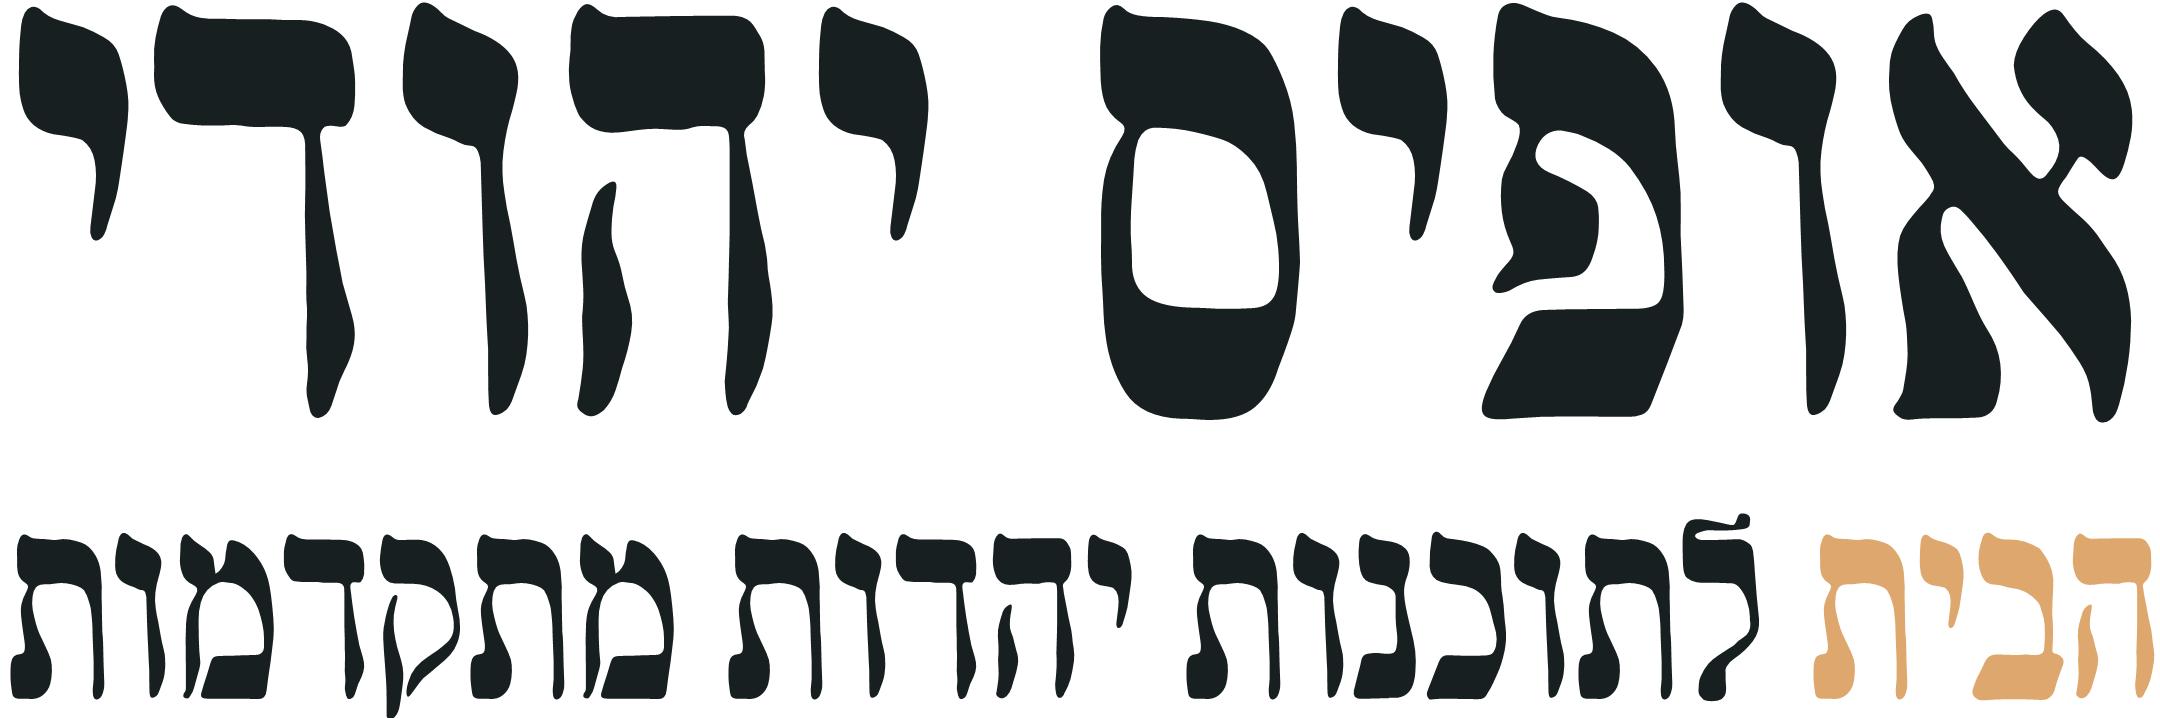 אופיס יהודי